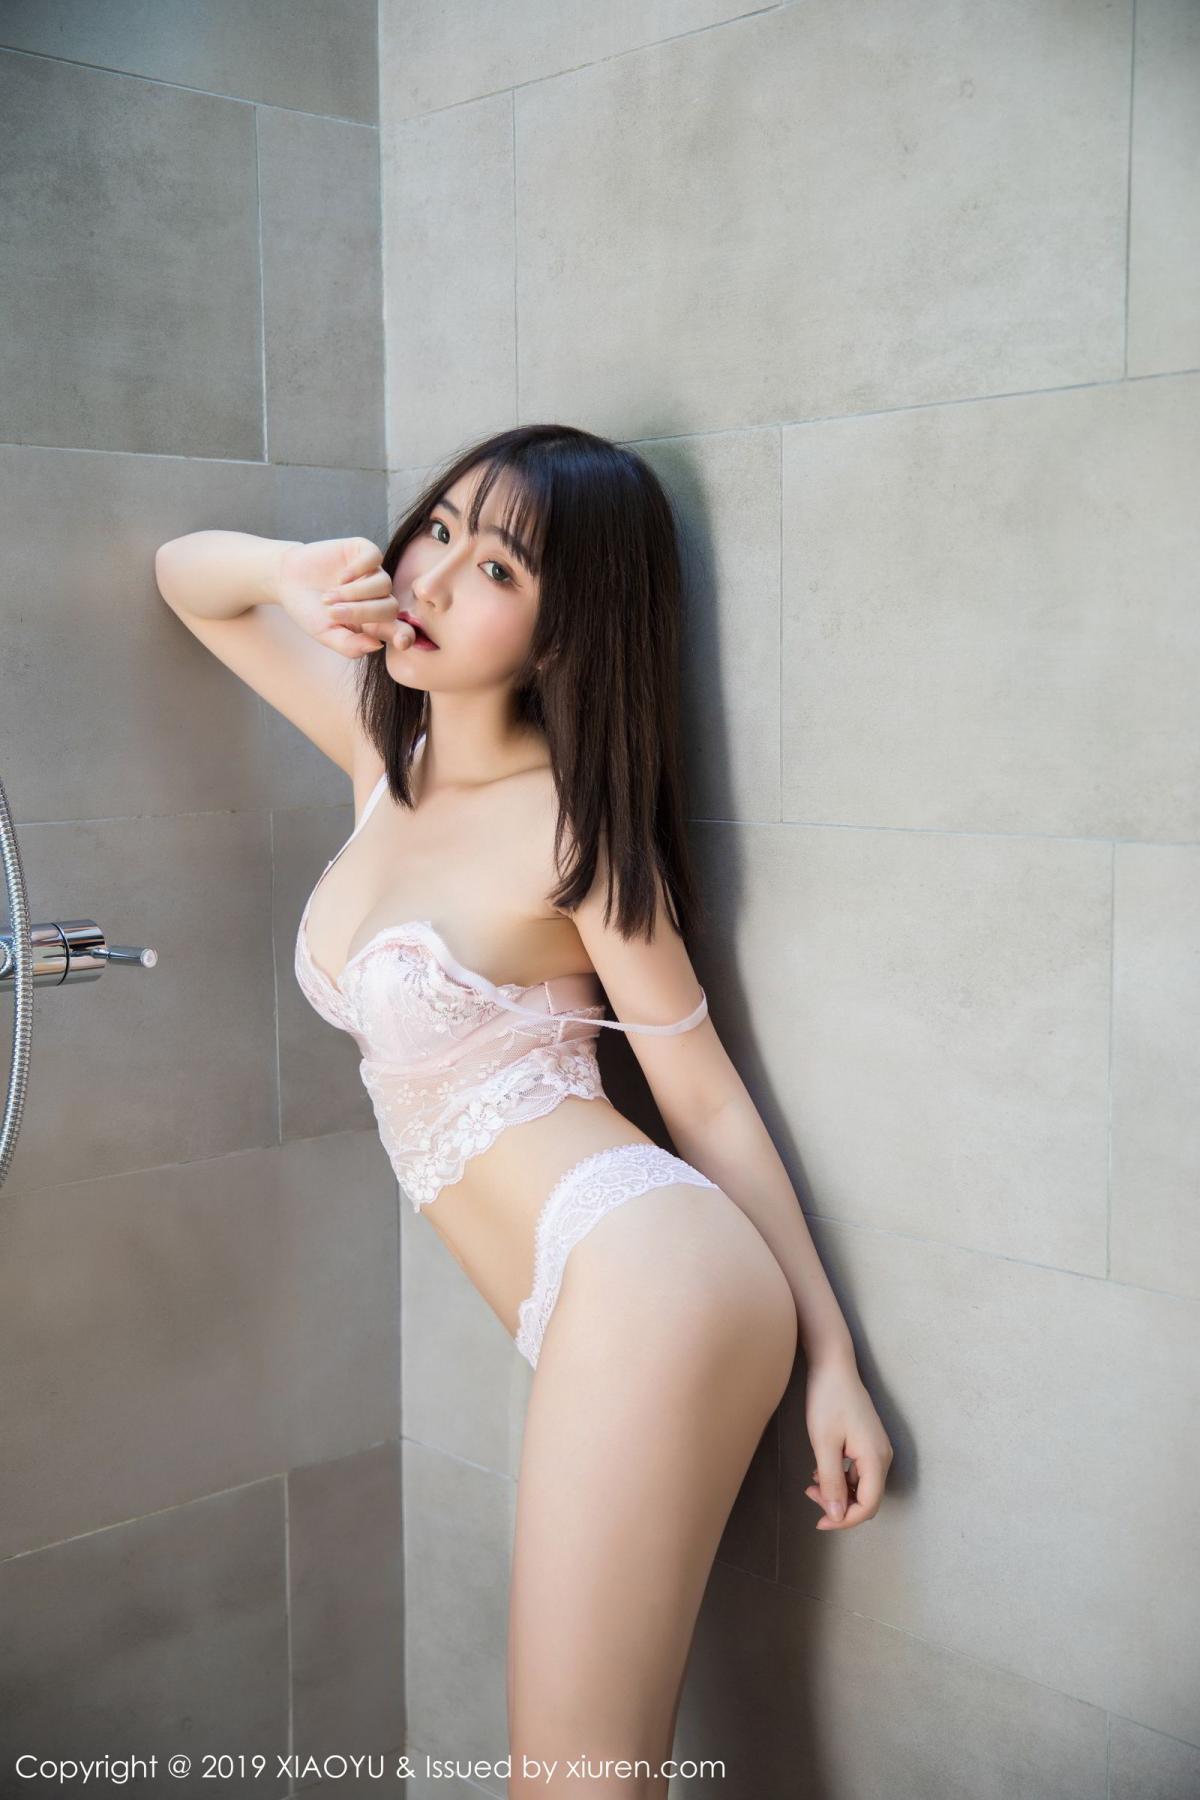 [XiaoYu] Vol.147 Xie Zhi Xin 61P, Bathroom, Big Booty, Wet, XiaoYu, Xie Zhi Xin